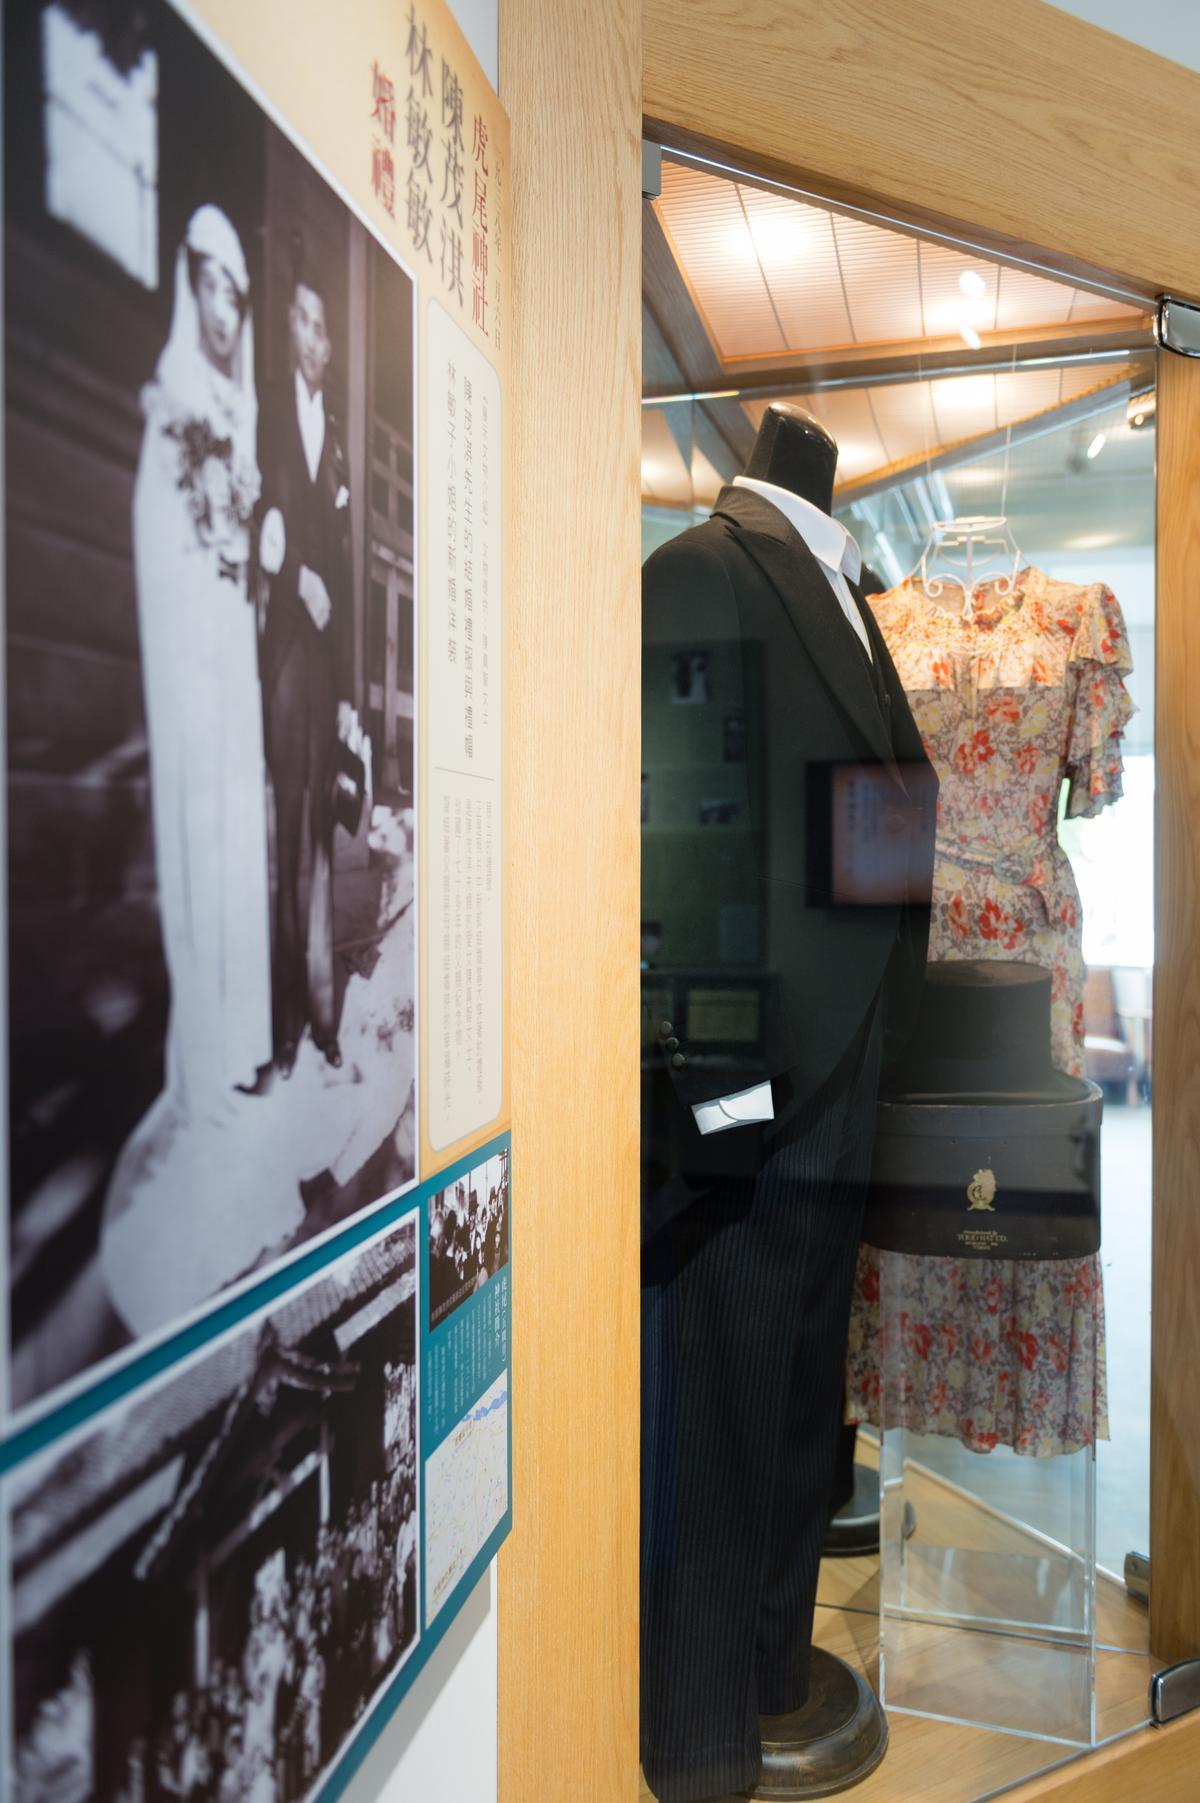 照片中醫生新郎的結婚禮服,保留在展覽室之中,當年的布料及作工相當精細。